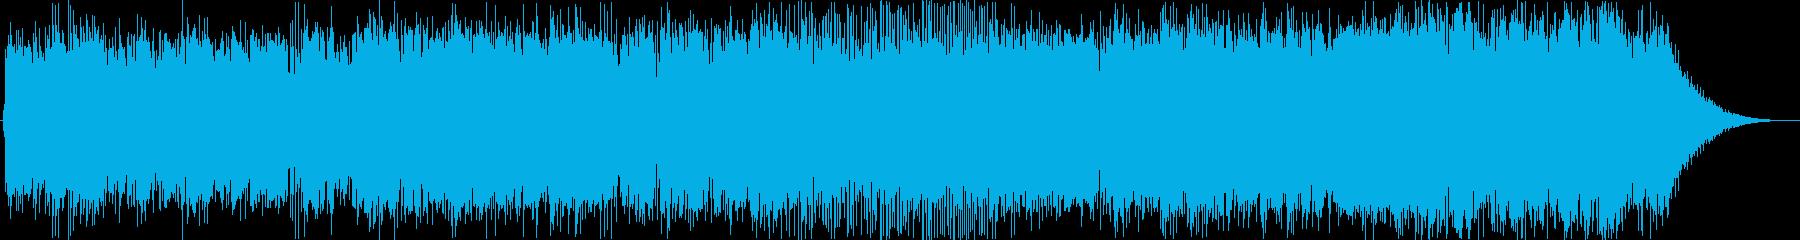 未来に向けて進み続けるメッセージソングの再生済みの波形